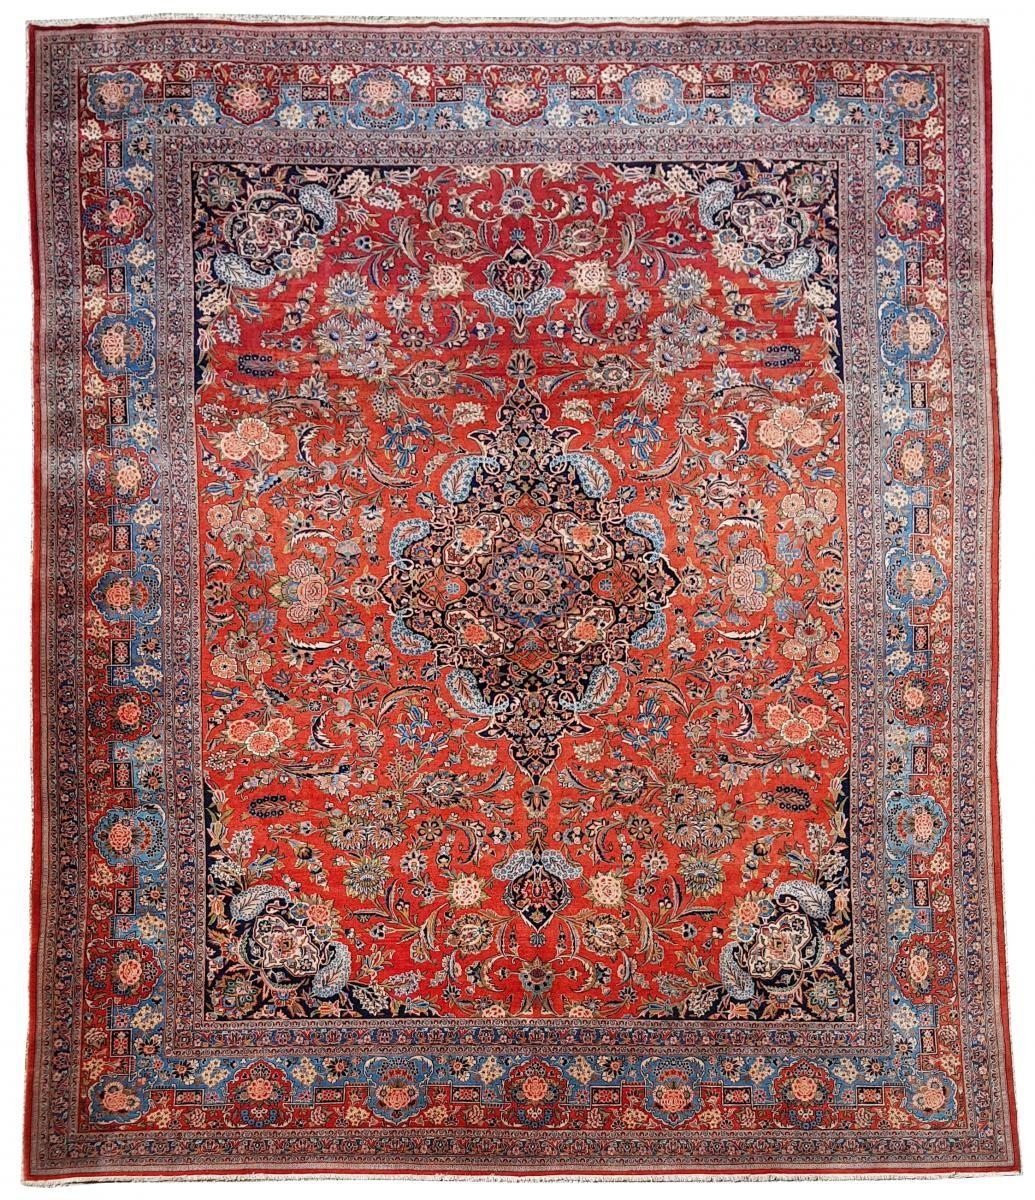 Kachan Dabir Wool Rug Iran End Of 19th Century Large Size